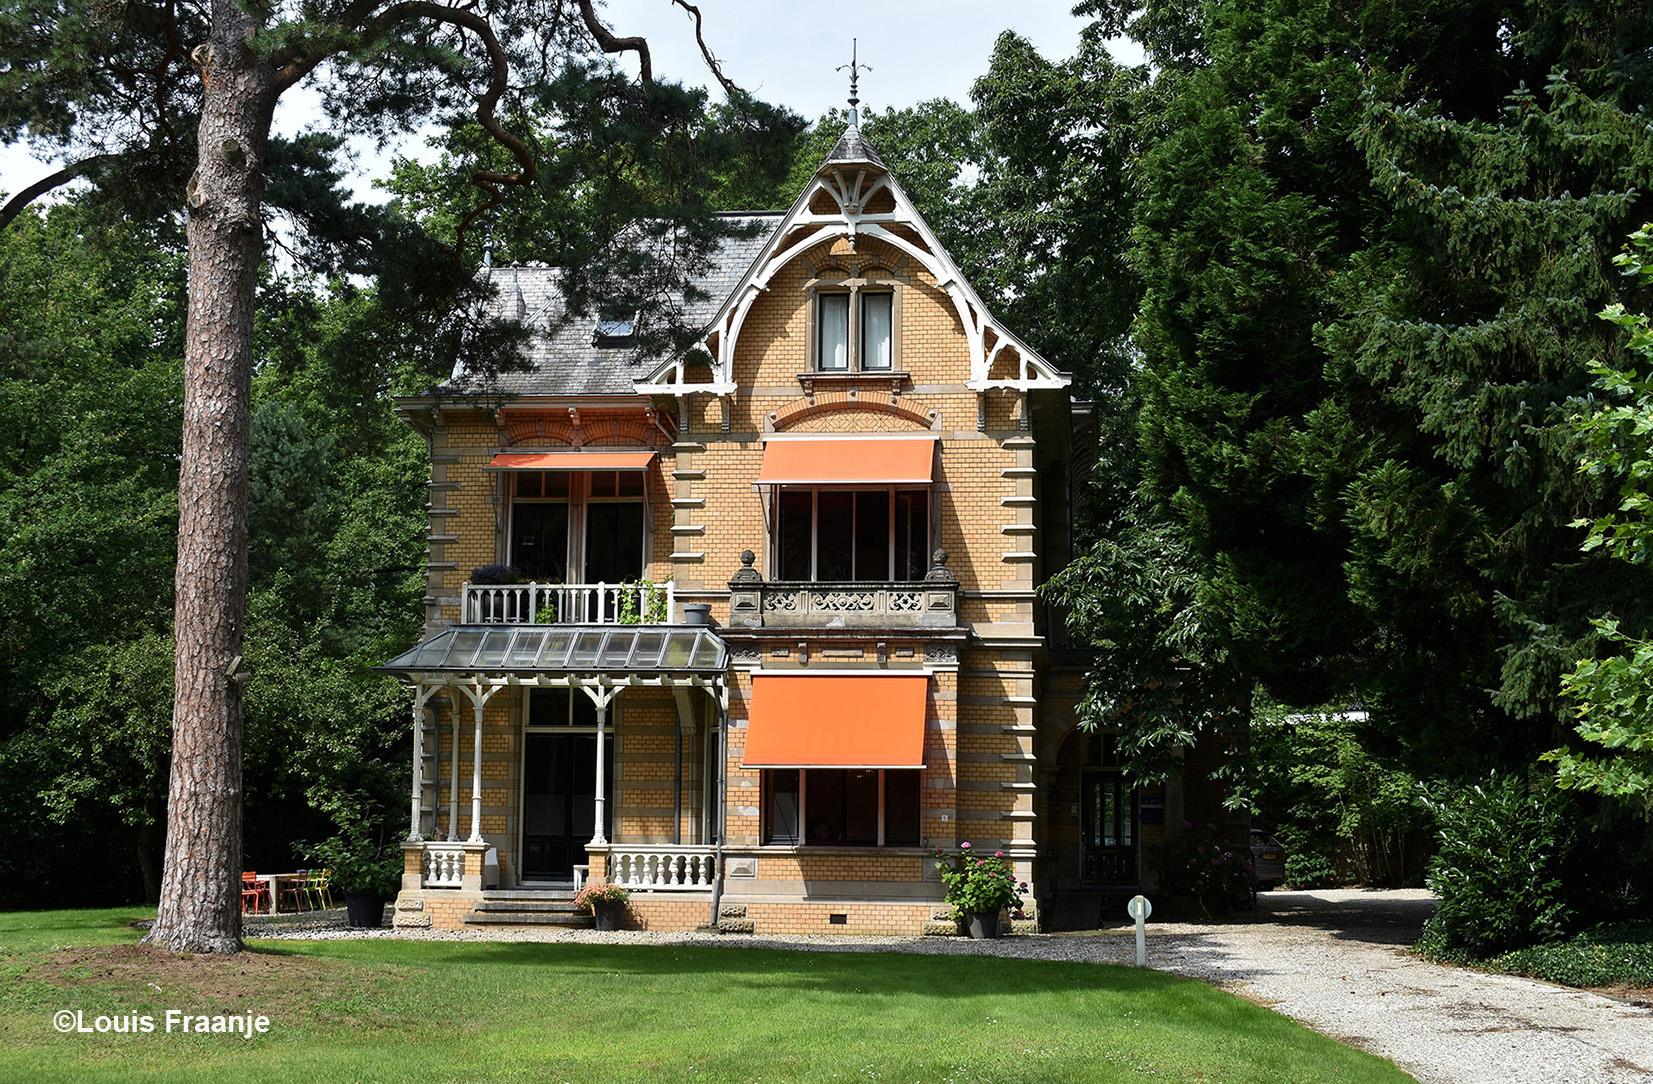 De prachtige villa van EMS Netwerk Notarissen aan de Dorpsstraat in Doorn, is een lust voor het oog! - Foto: ©Louis Fraanje